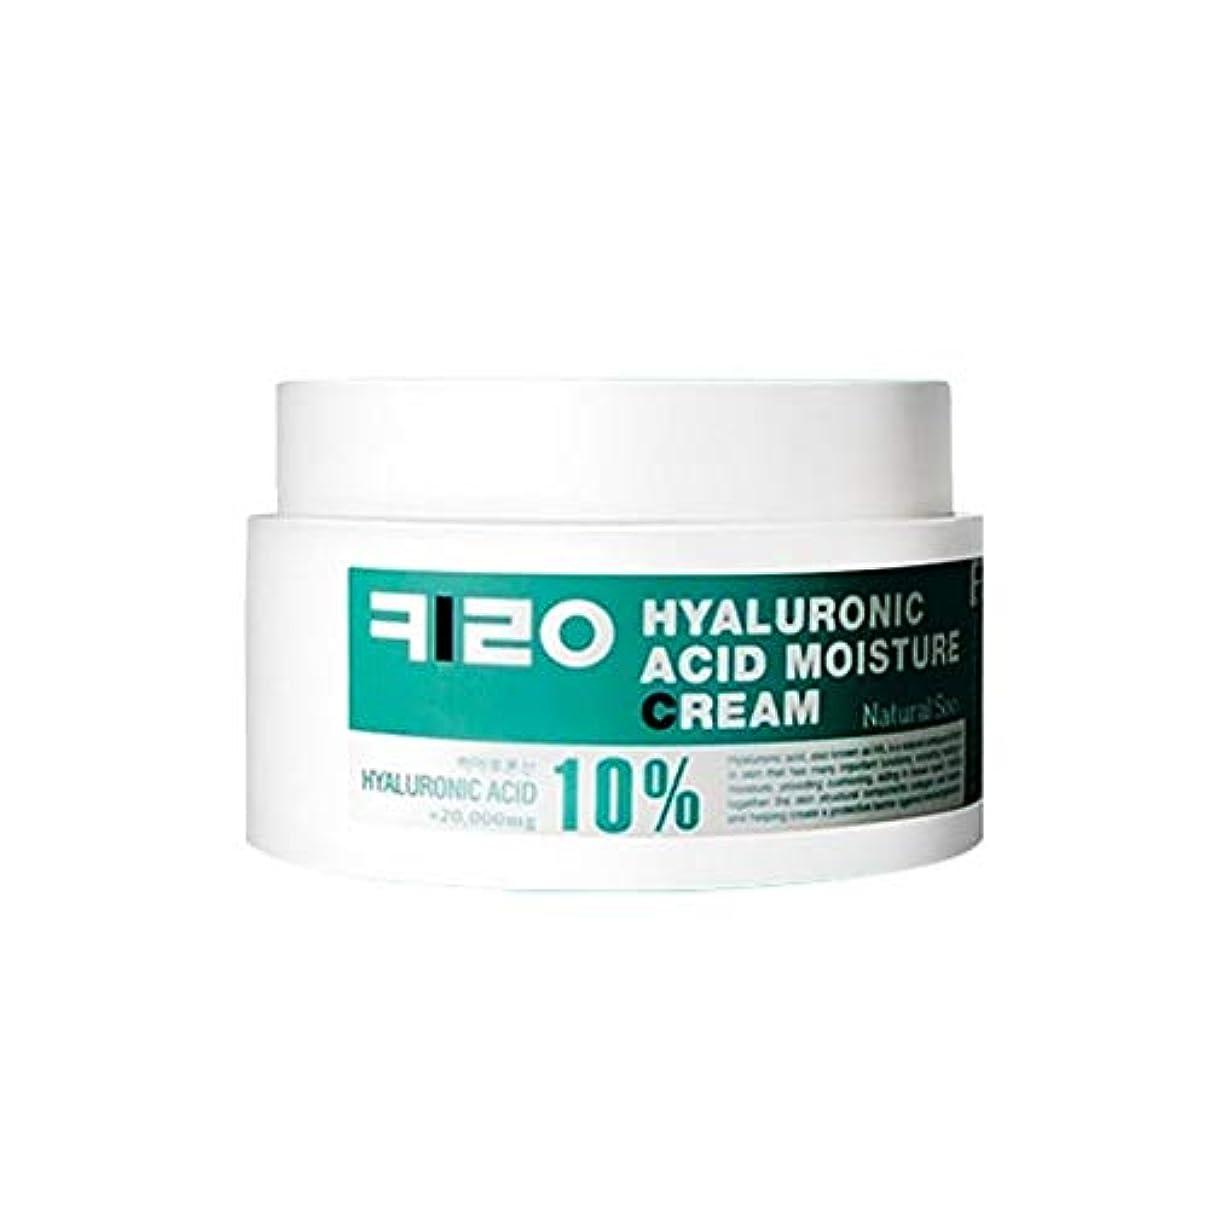 曖昧なディスカウント遅れナチュラルSooキーロヒアルロン酸モイスチャークリーム200g韓国コスメ、Natural Soo Hyaluronic Acid Moisture Cream 200g Korean Cosmetics [並行輸入品]